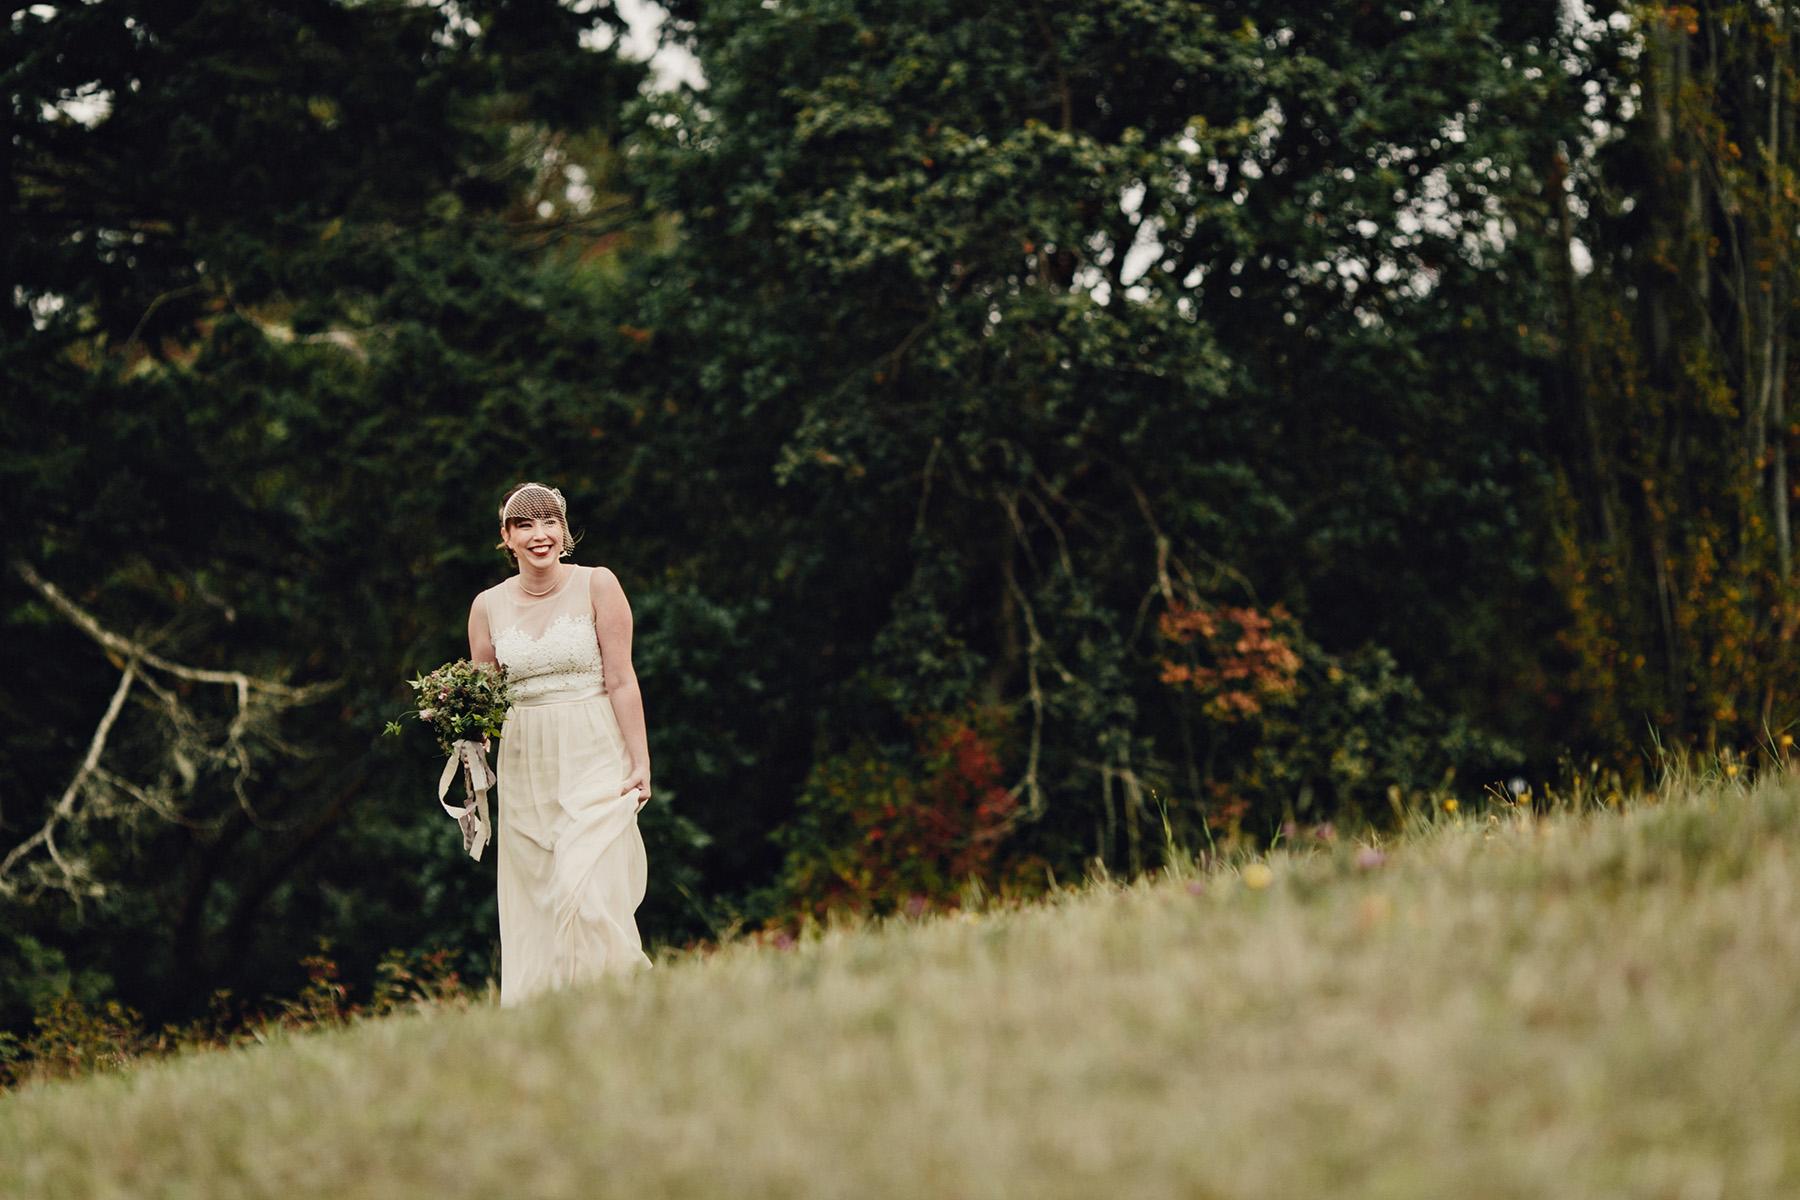 Glenrosa-Farms-Wedding-Photos-0186.jpg